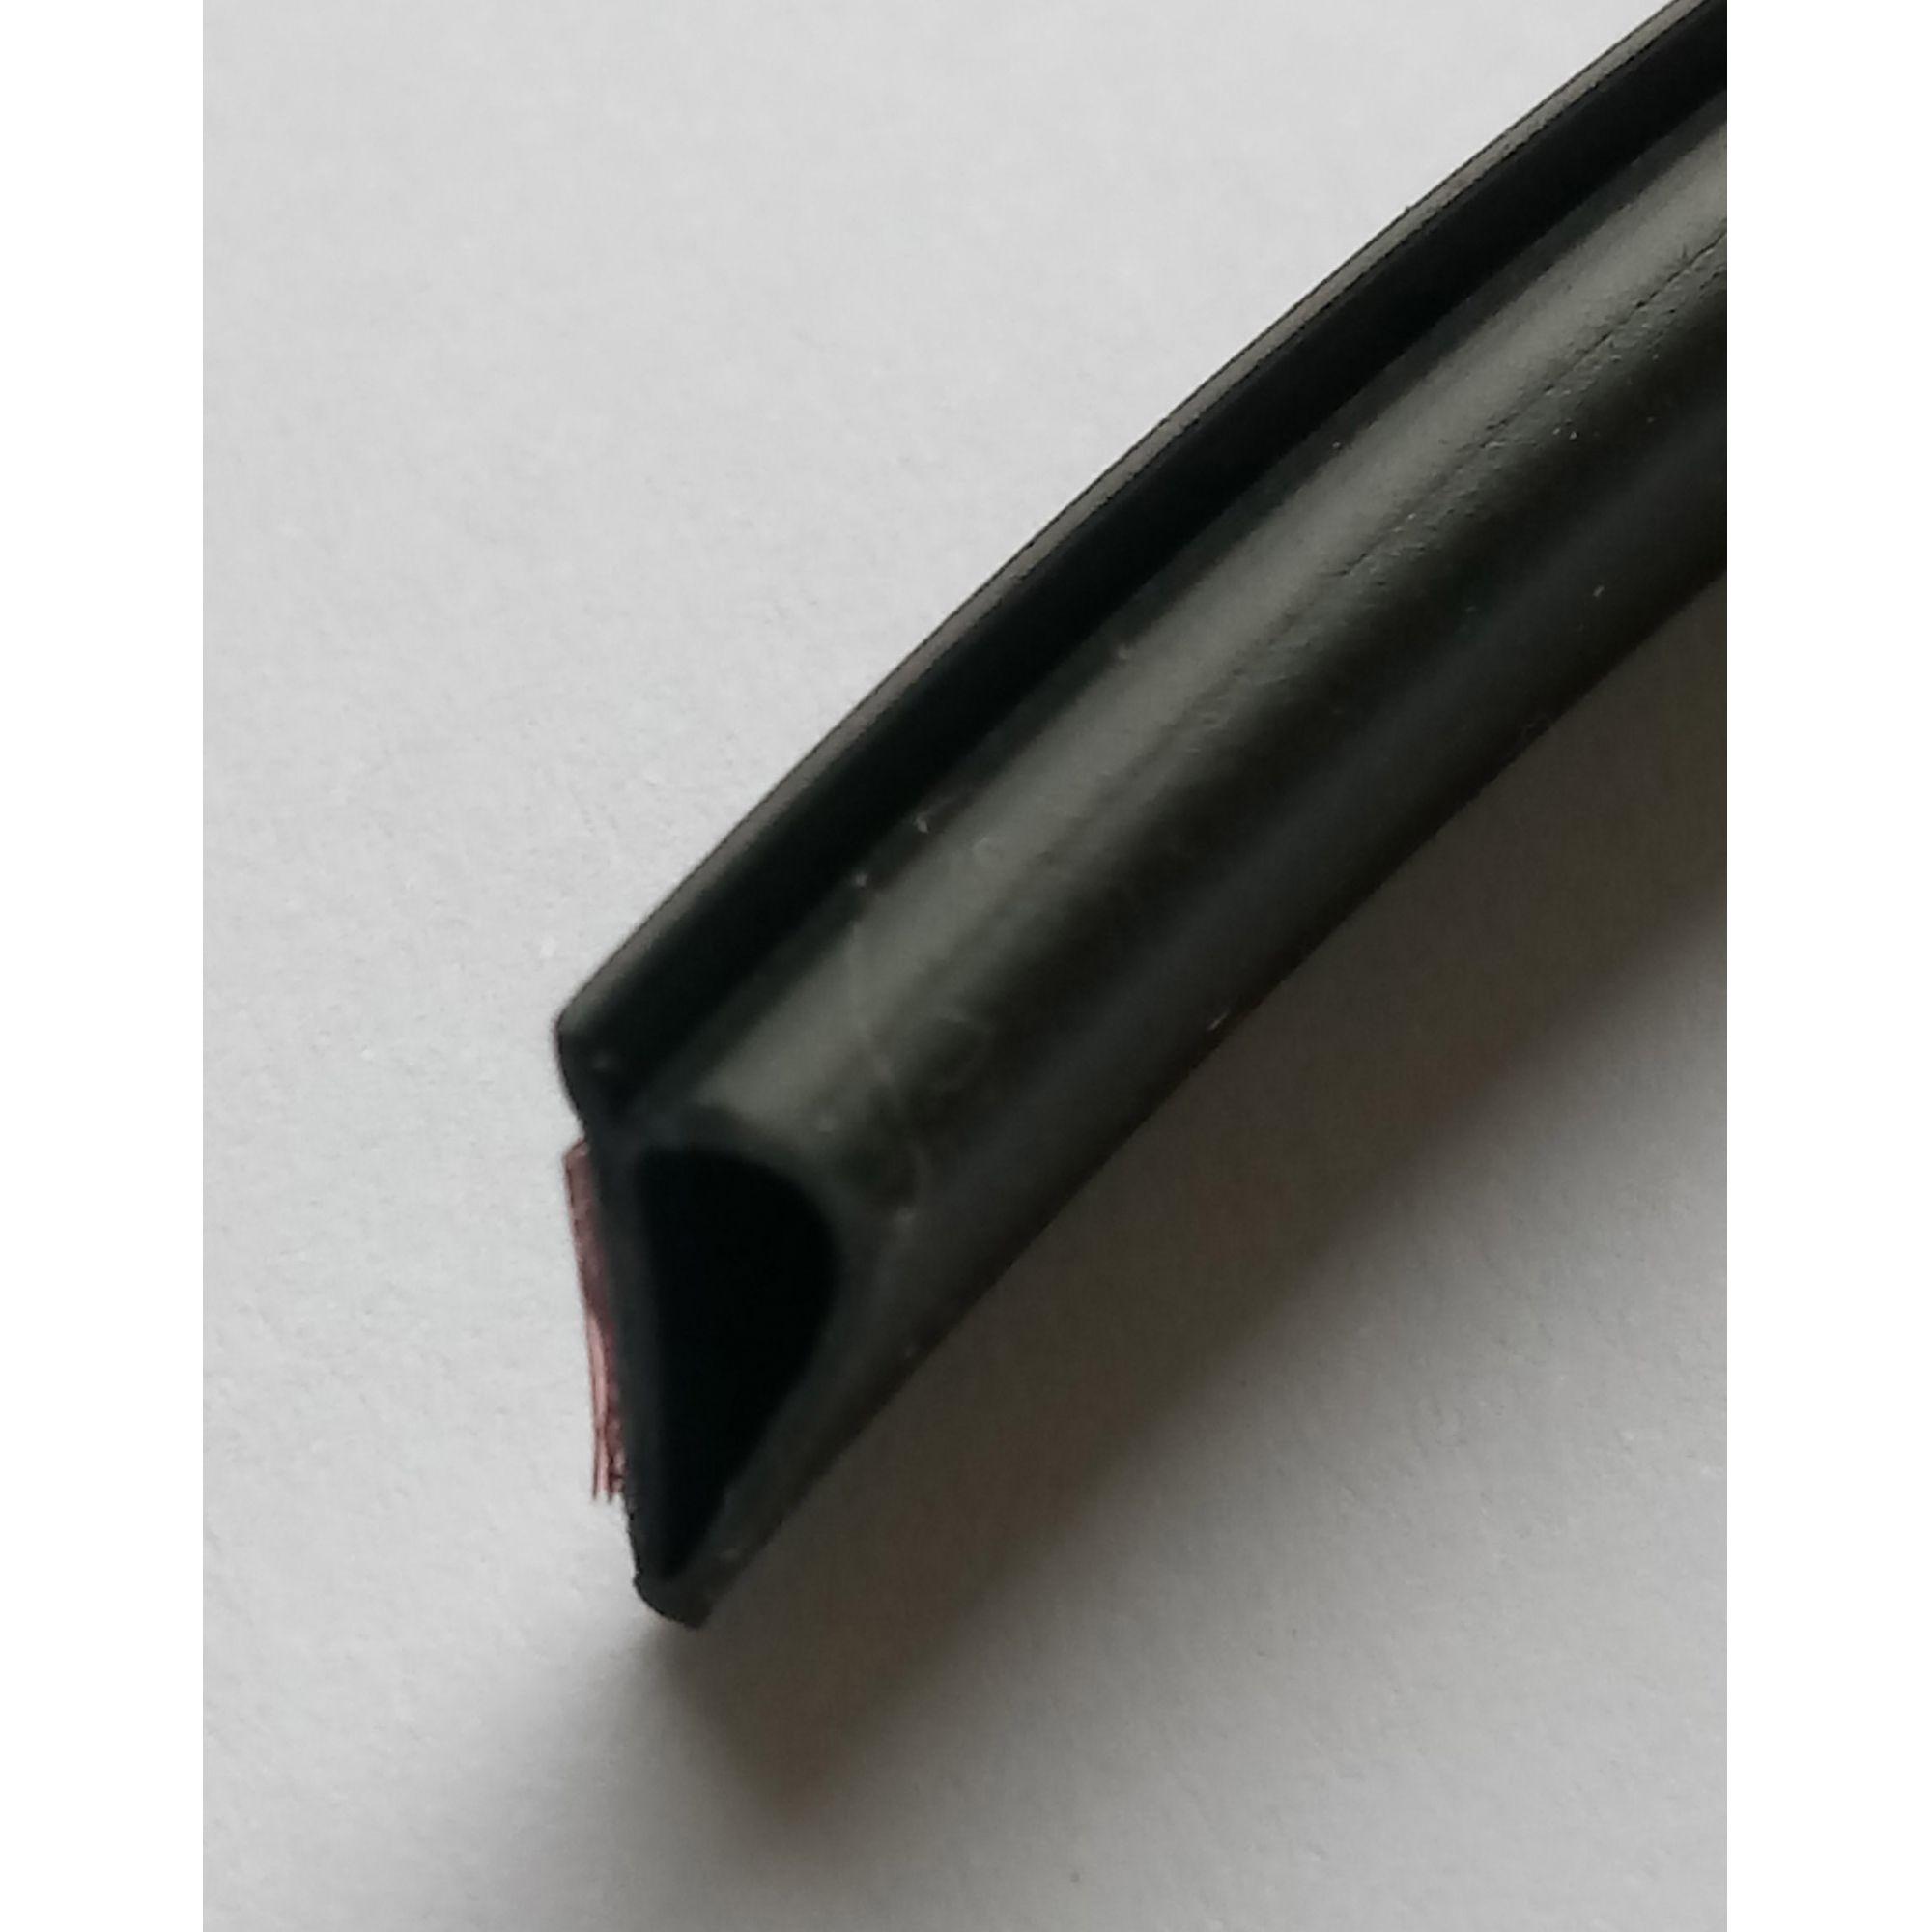 Borracha de Vedação PRETA - Modelo Adesivo 5792